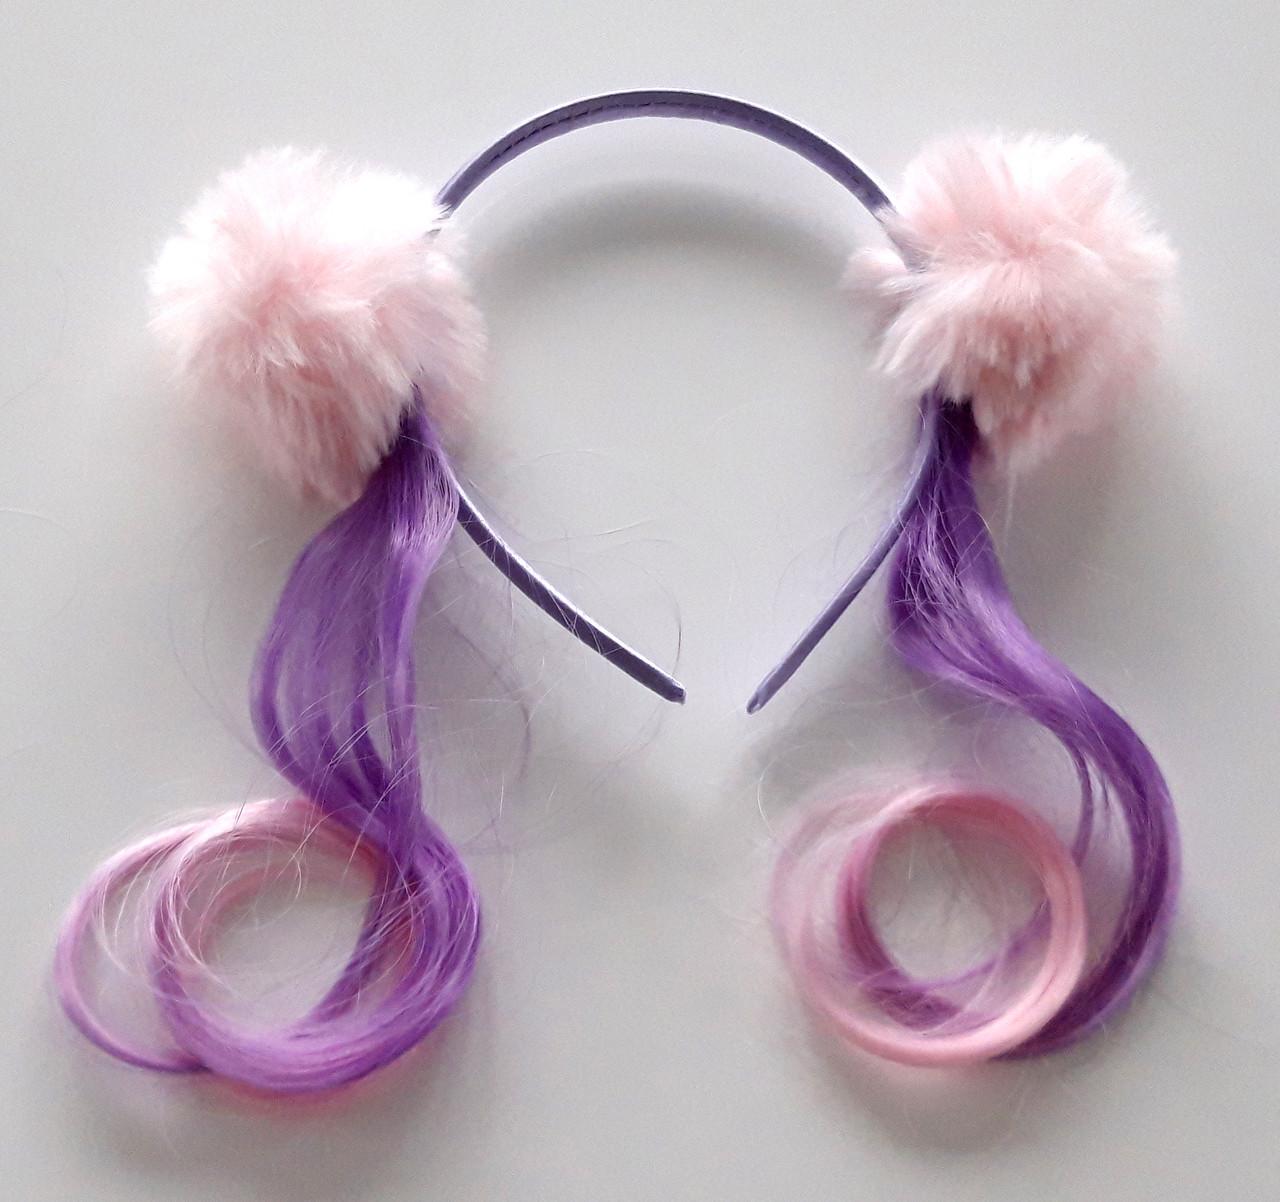 Обруч для волос с локонами два помпона, розово-сиреневый